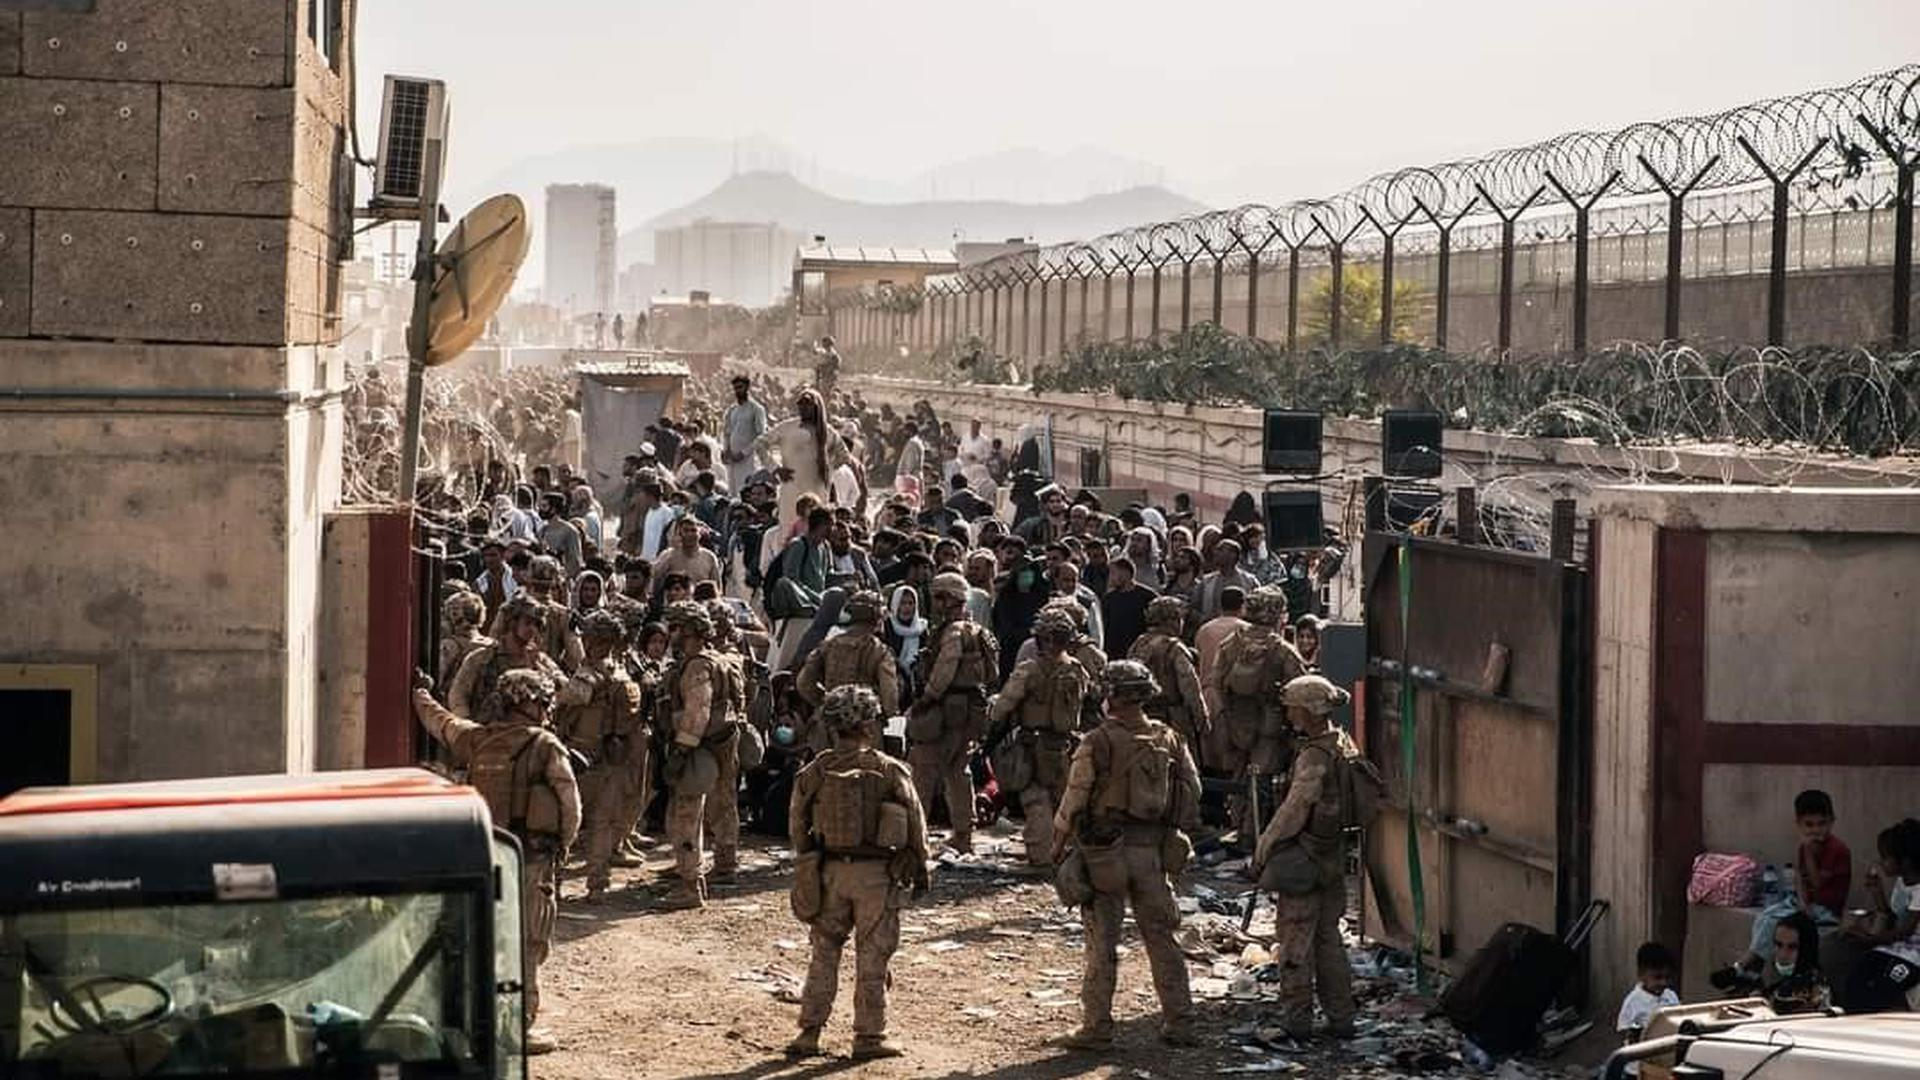 Kein Durchkommen: Ein Foto von der sicheren Seite zeigt, wie aussichtslos der Versuch der vielen wartenden Menschen vor den Toren des Flughafens Kabul ist.